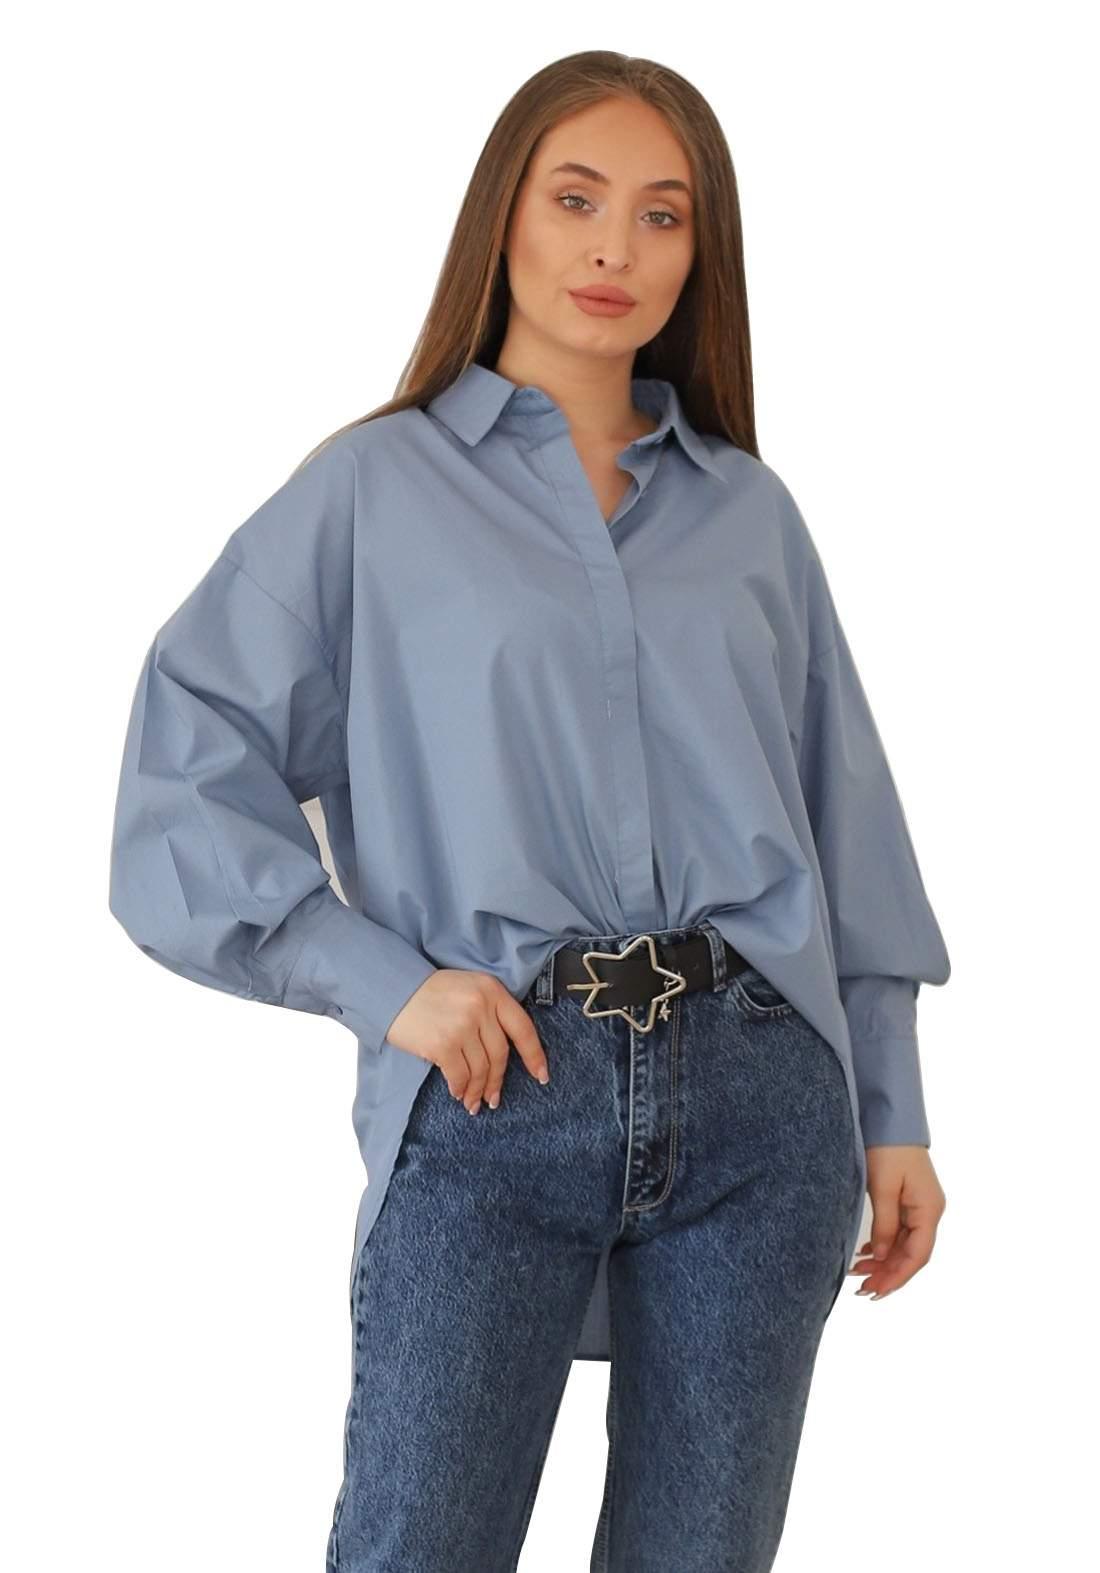 قميص نسائي ازرق اللون